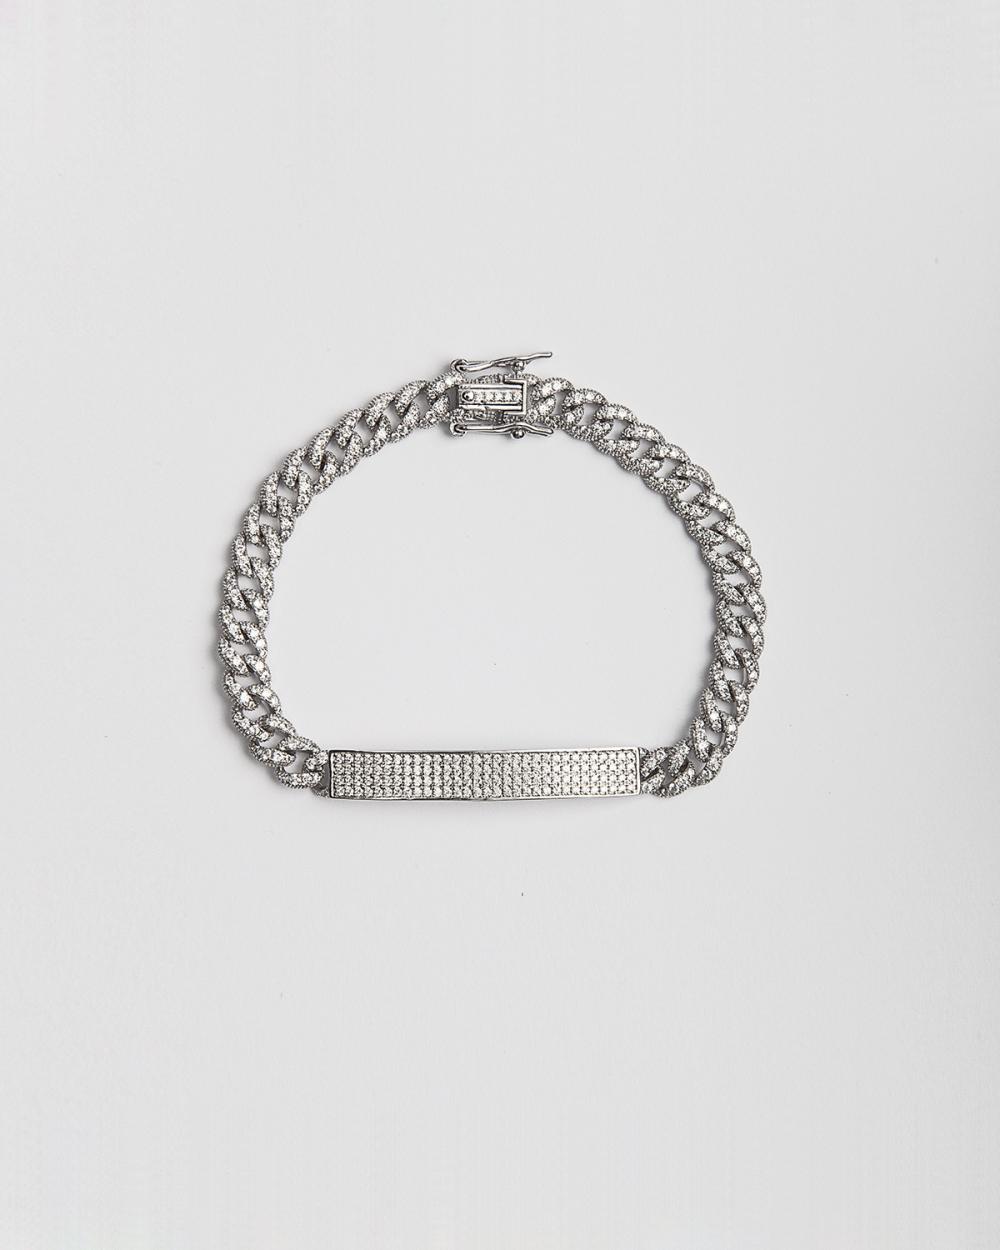 Bracelets CUBIC ZIRCONIA H60 CURB BRACELET WITH PLATE NOVE25